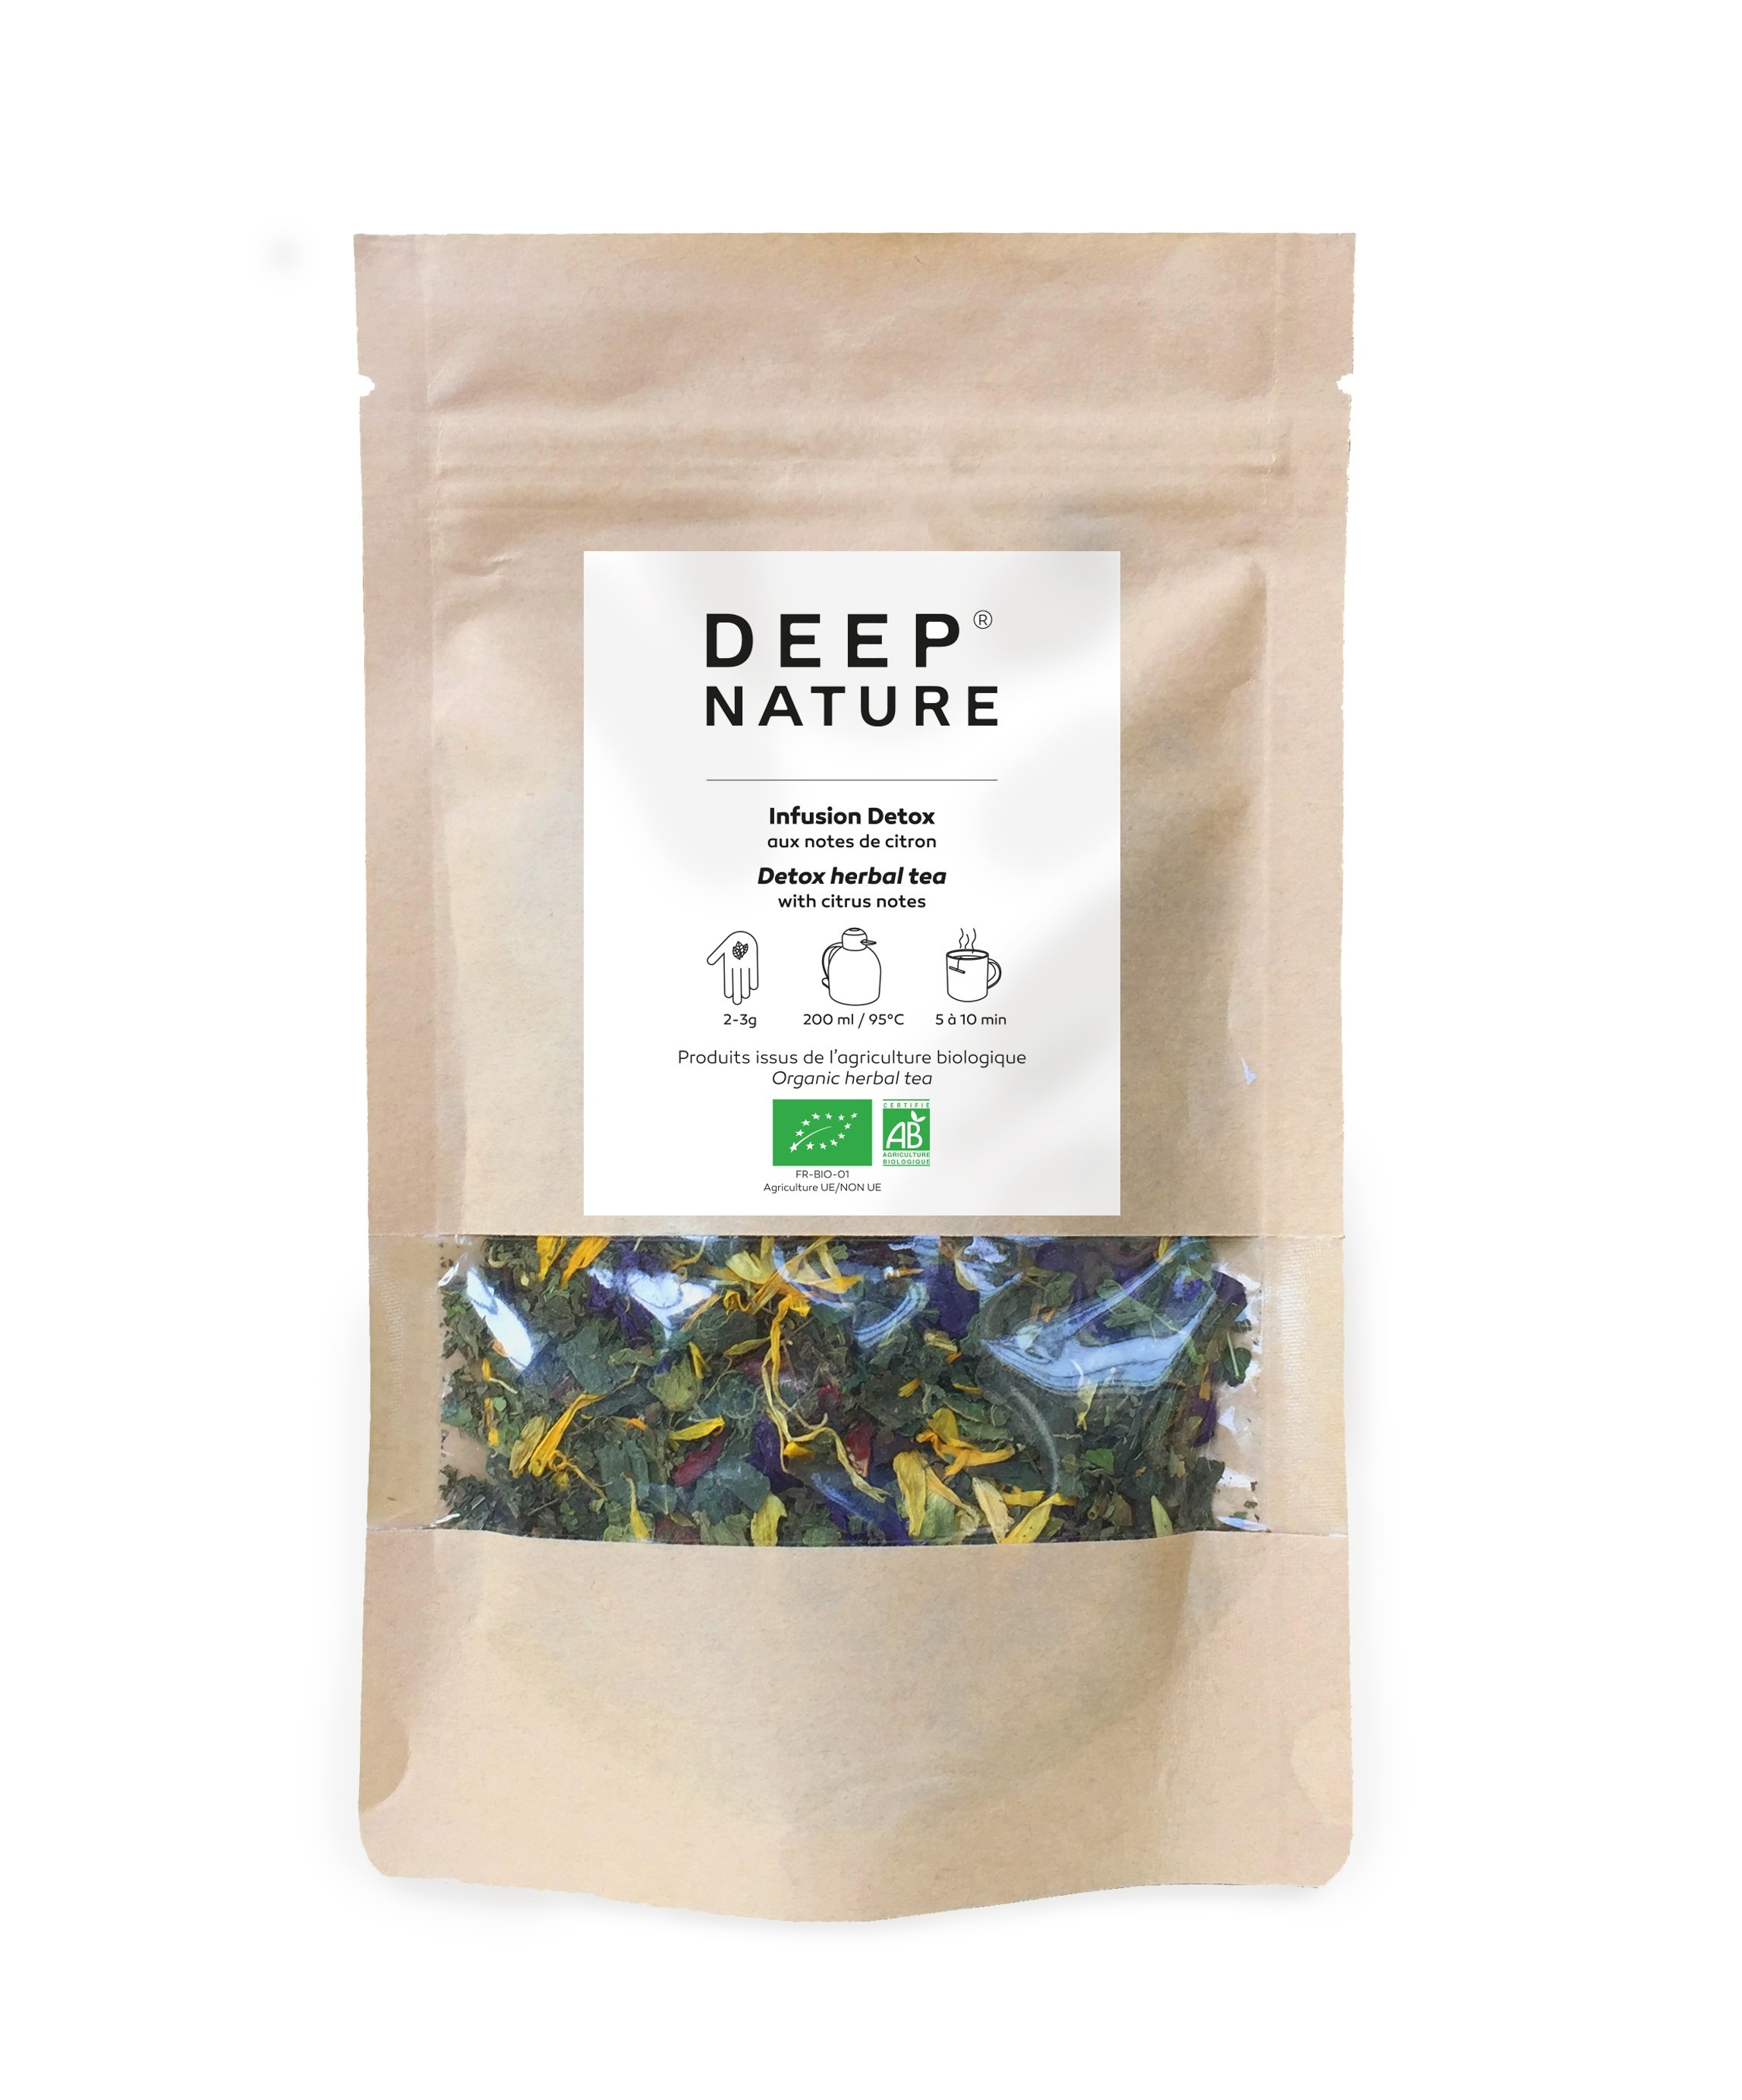 Deep Nature Detox Herbal tea